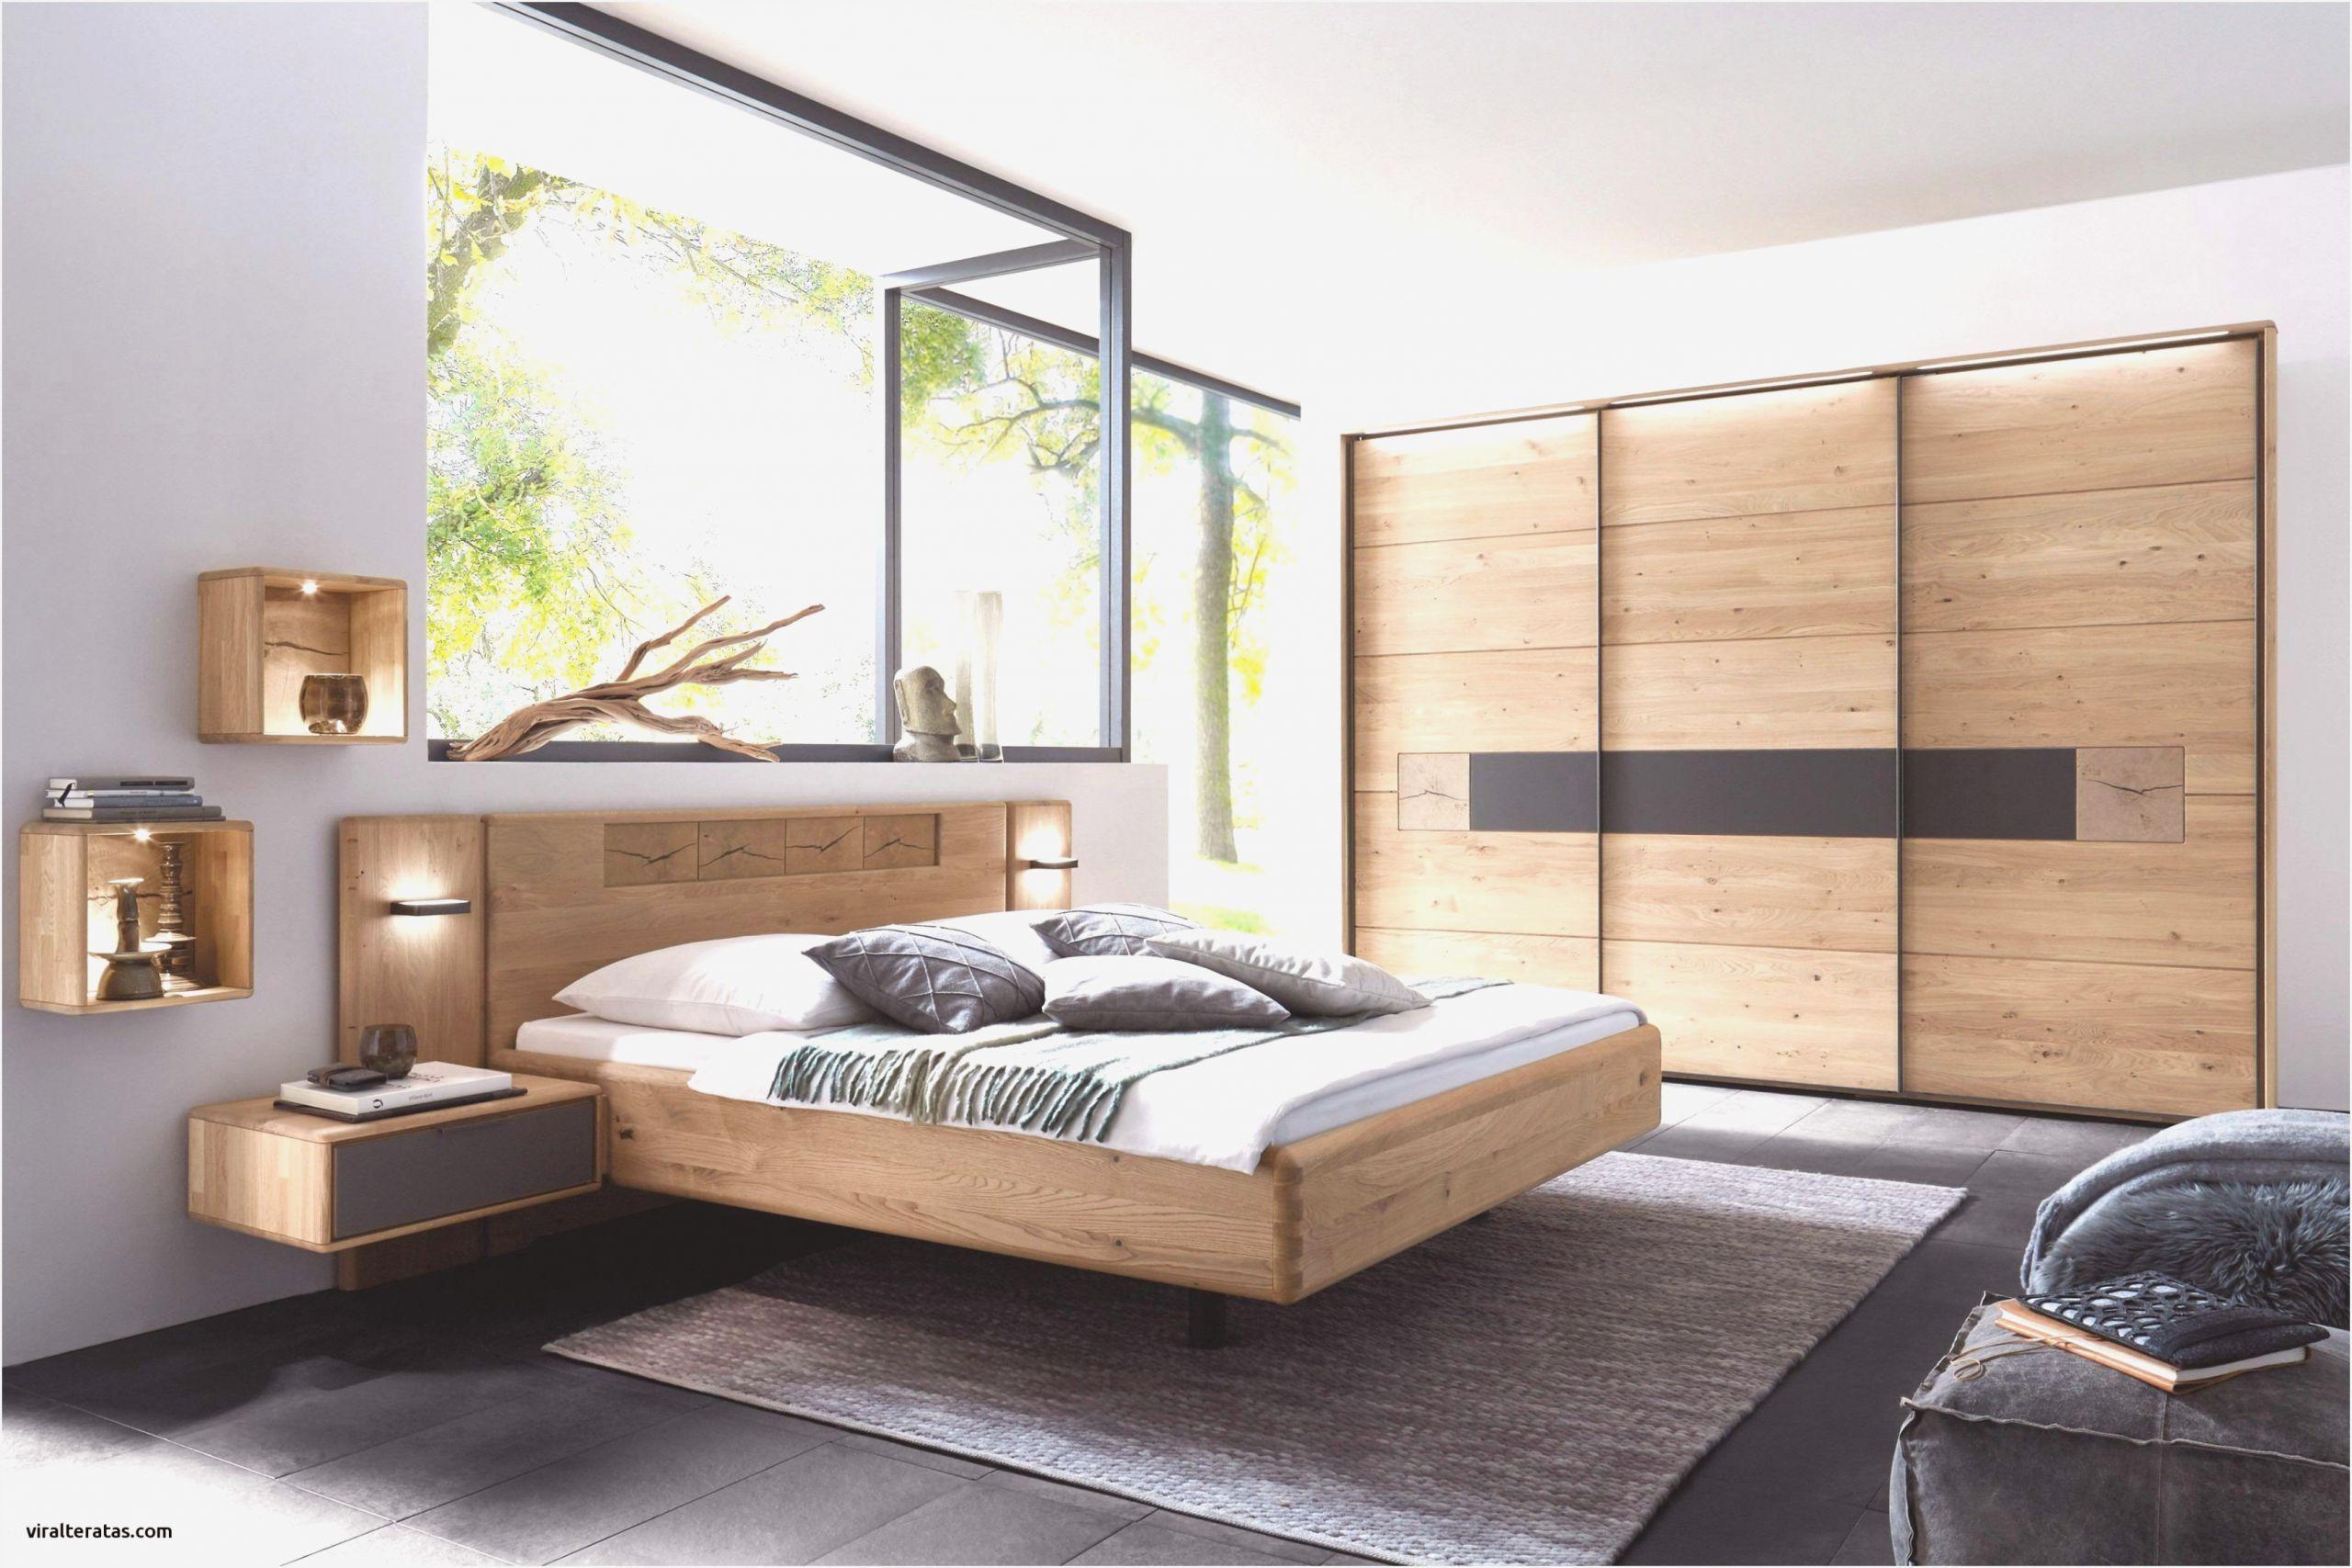 Schlafzimmer Ideen Weißes Bett